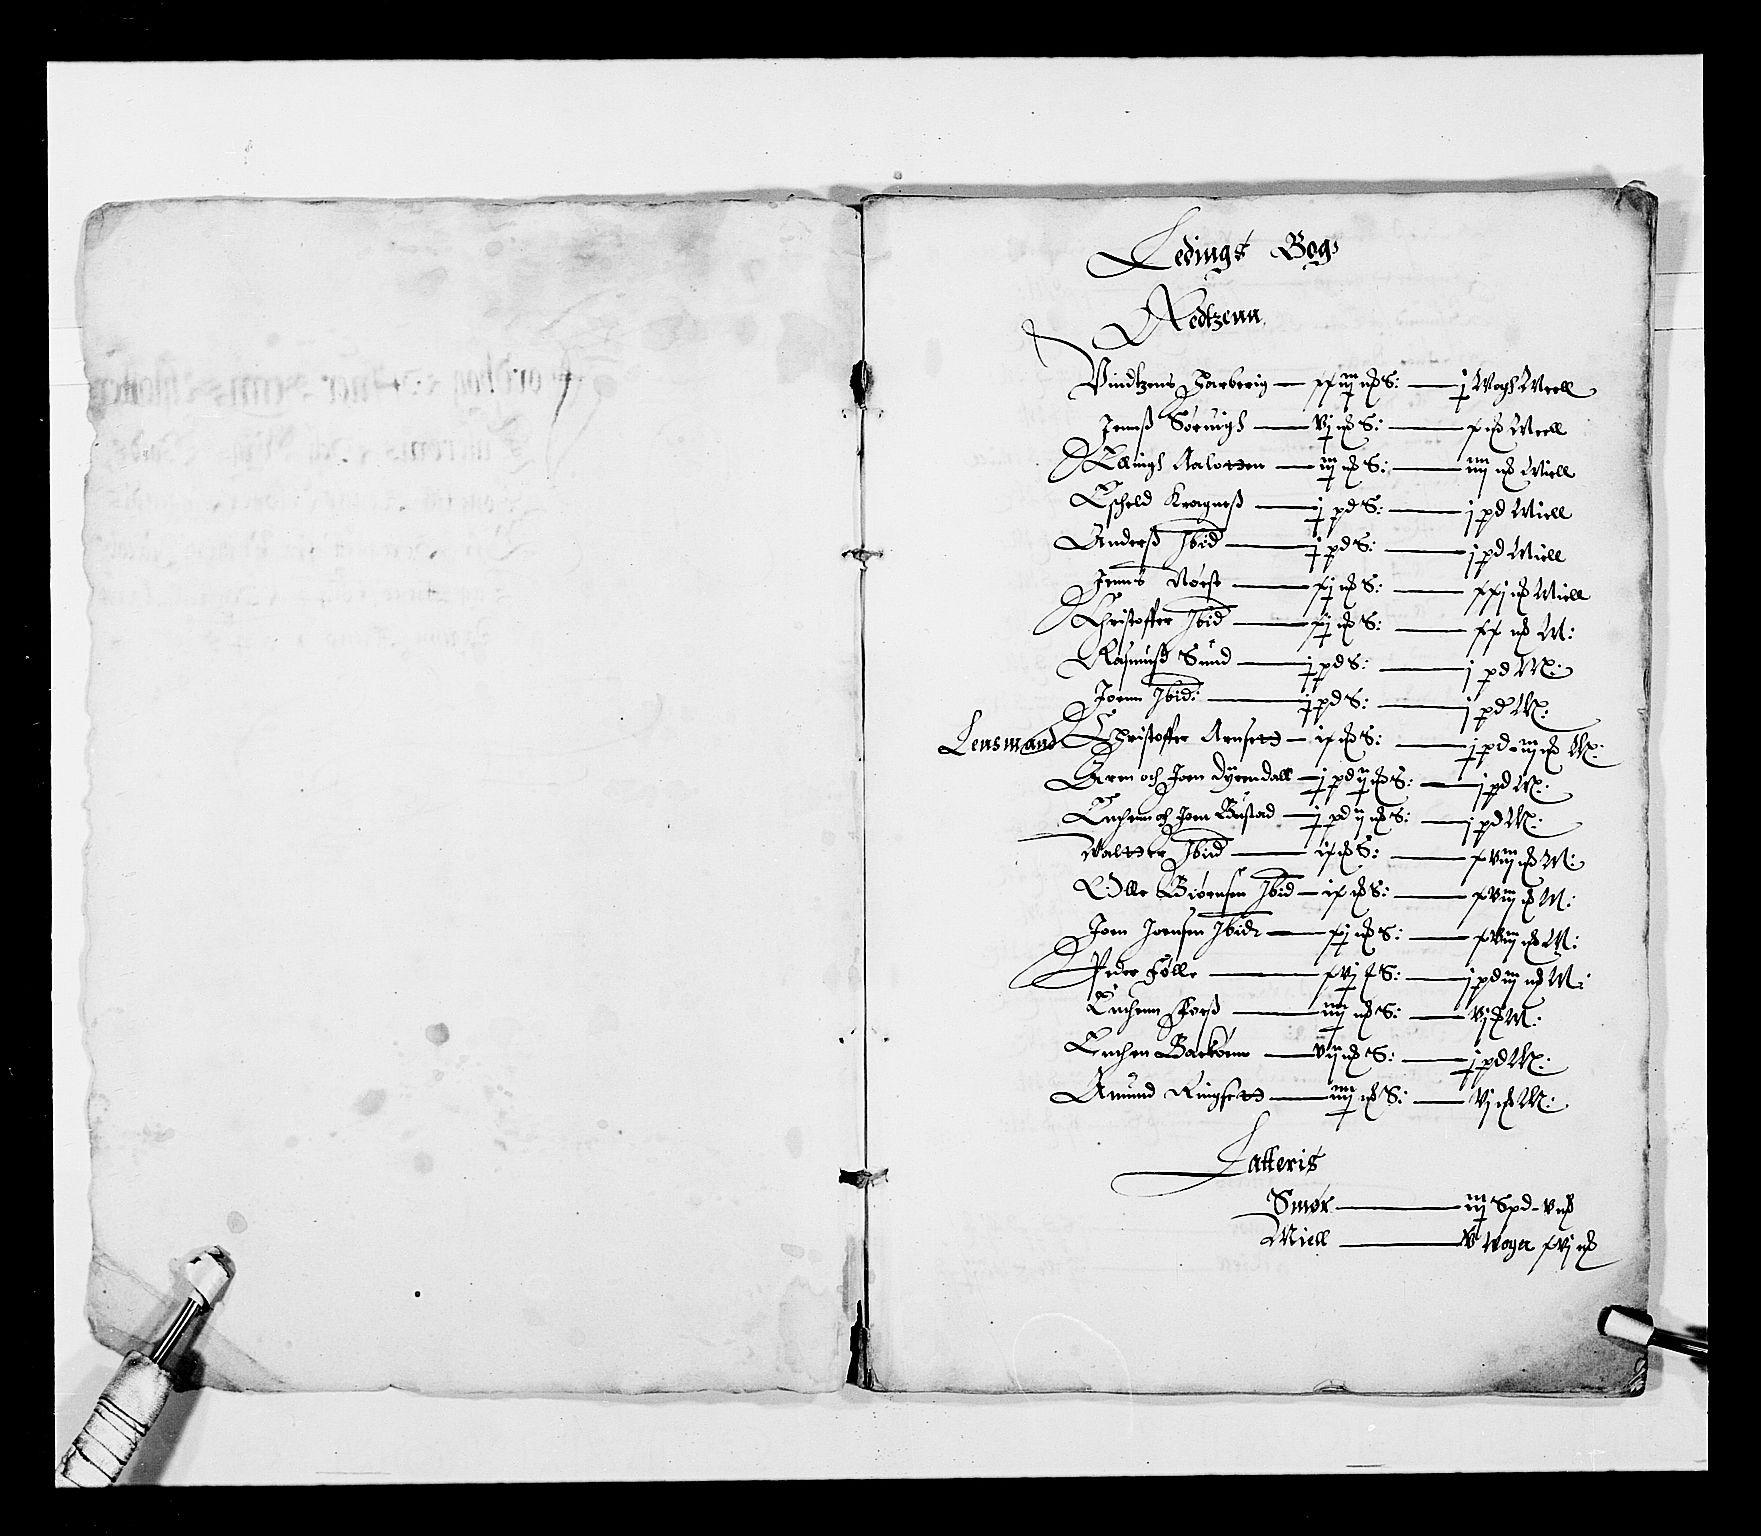 RA, Stattholderembetet 1572-1771, Ek/L0027: Jordebøker 1633-1658:, 1644-1645, s. 3